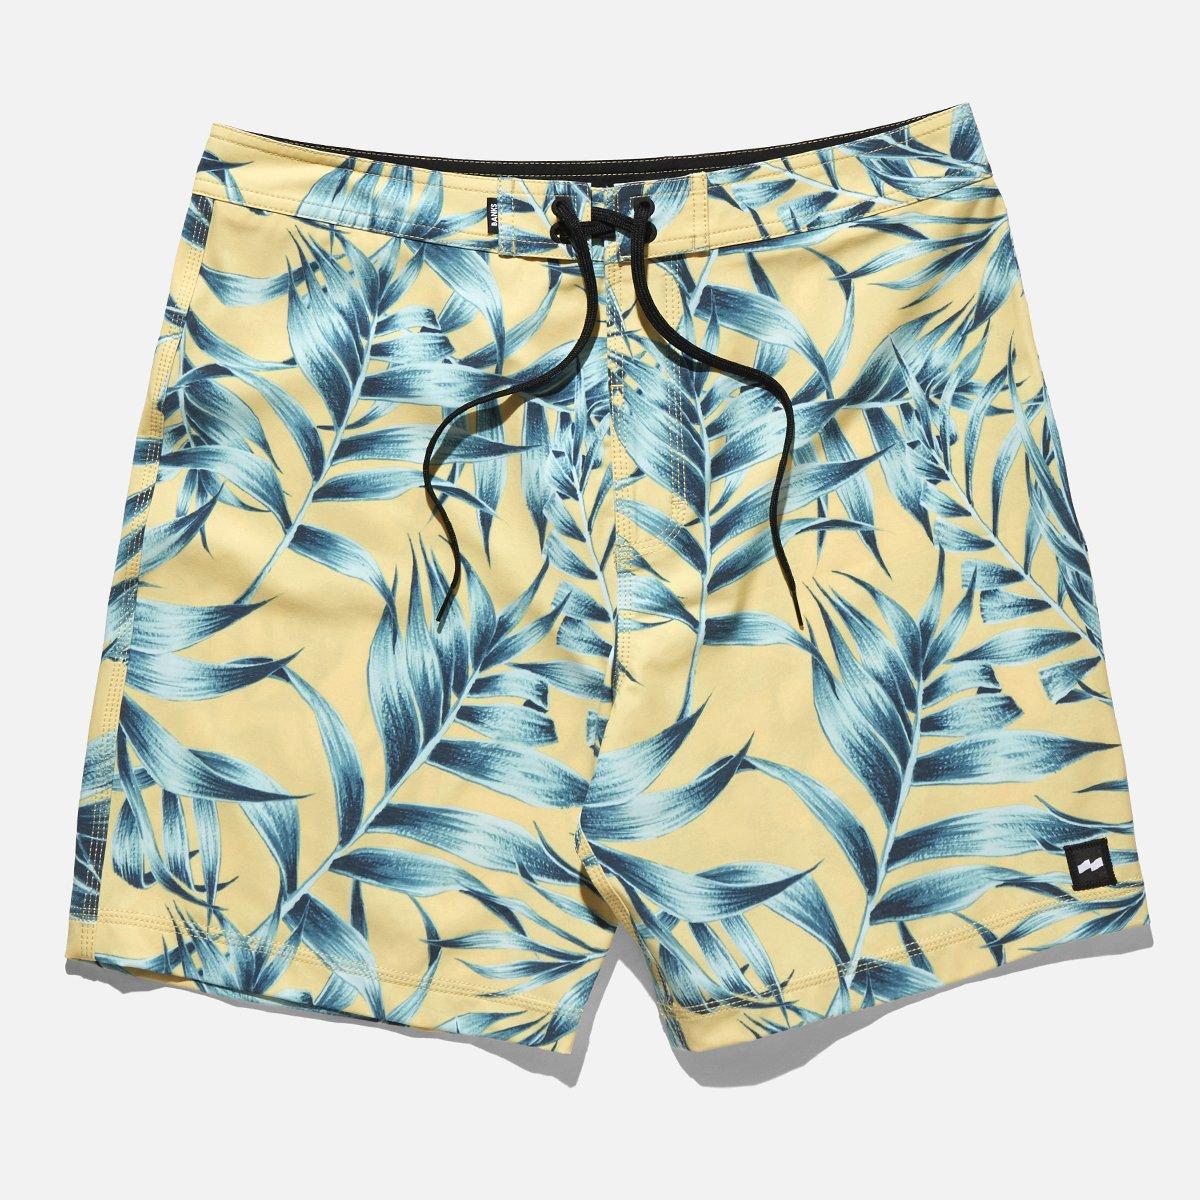 Island Life Boardshorts - $60